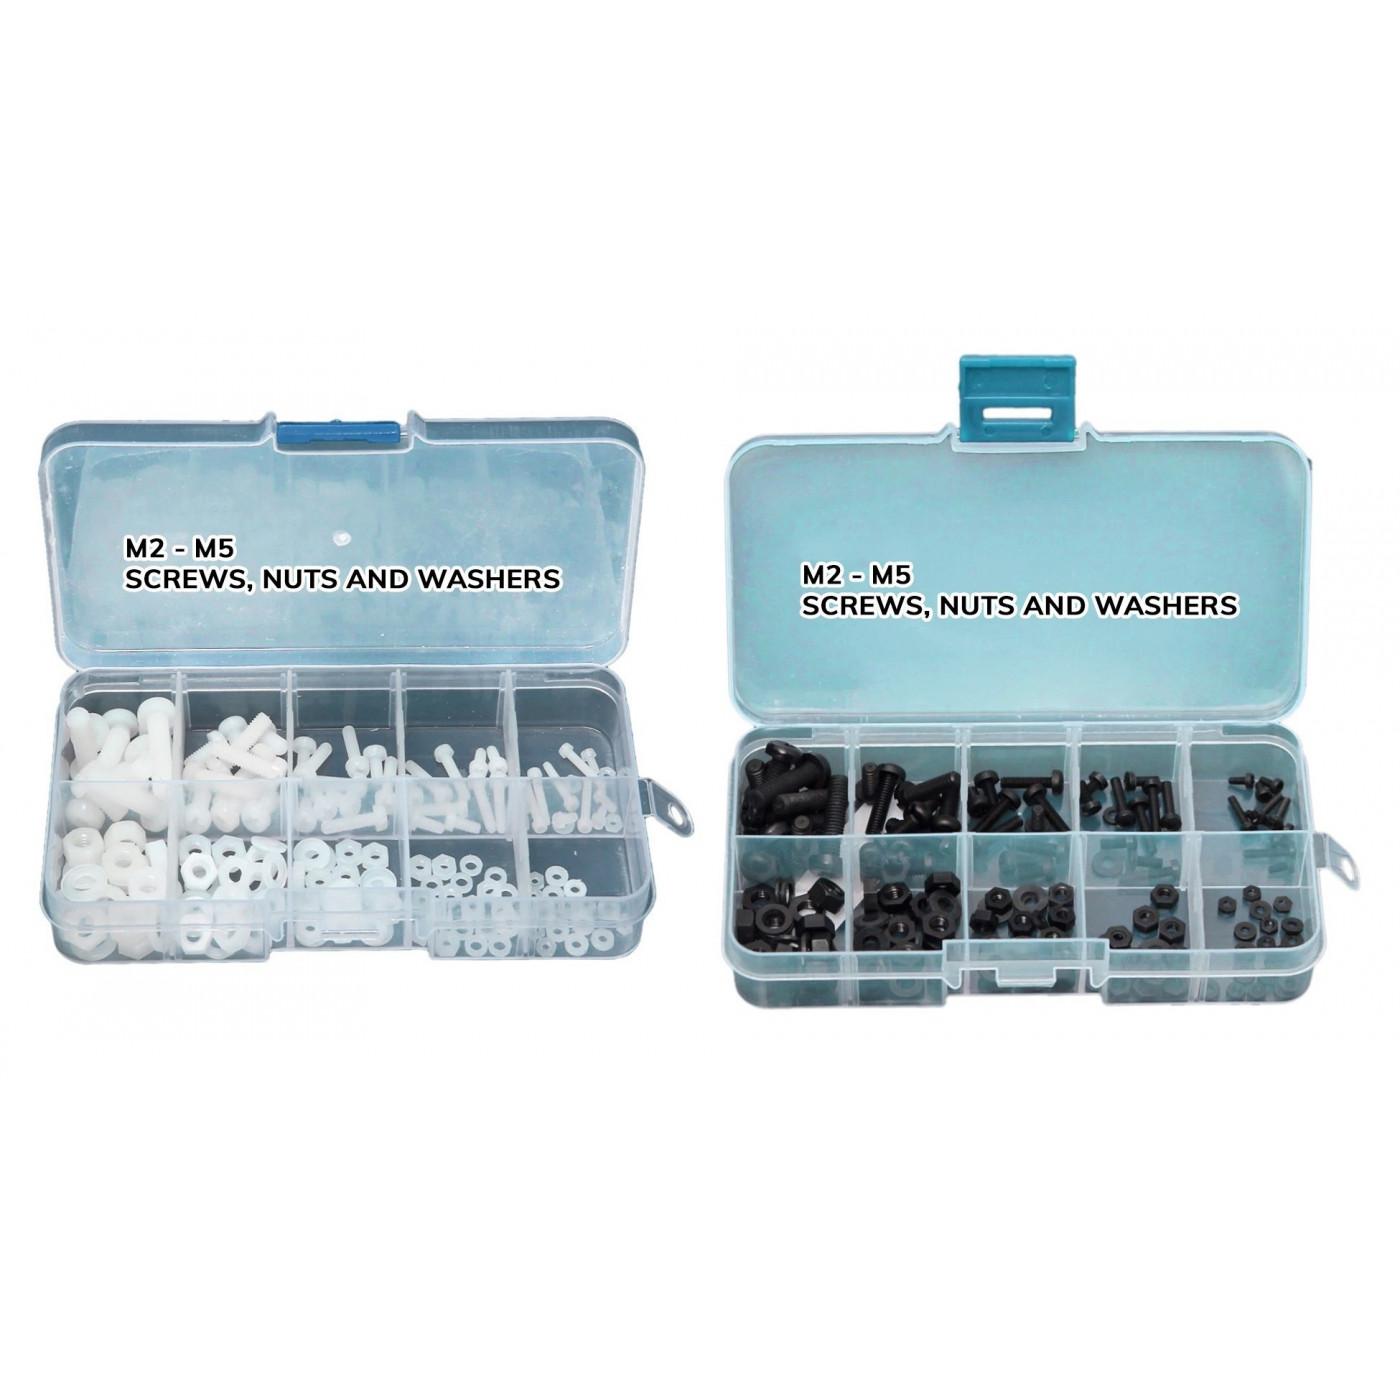 Zestaw 300 nylonowych śrub, nakrętek i podkładek (biały i czarny)  - 1